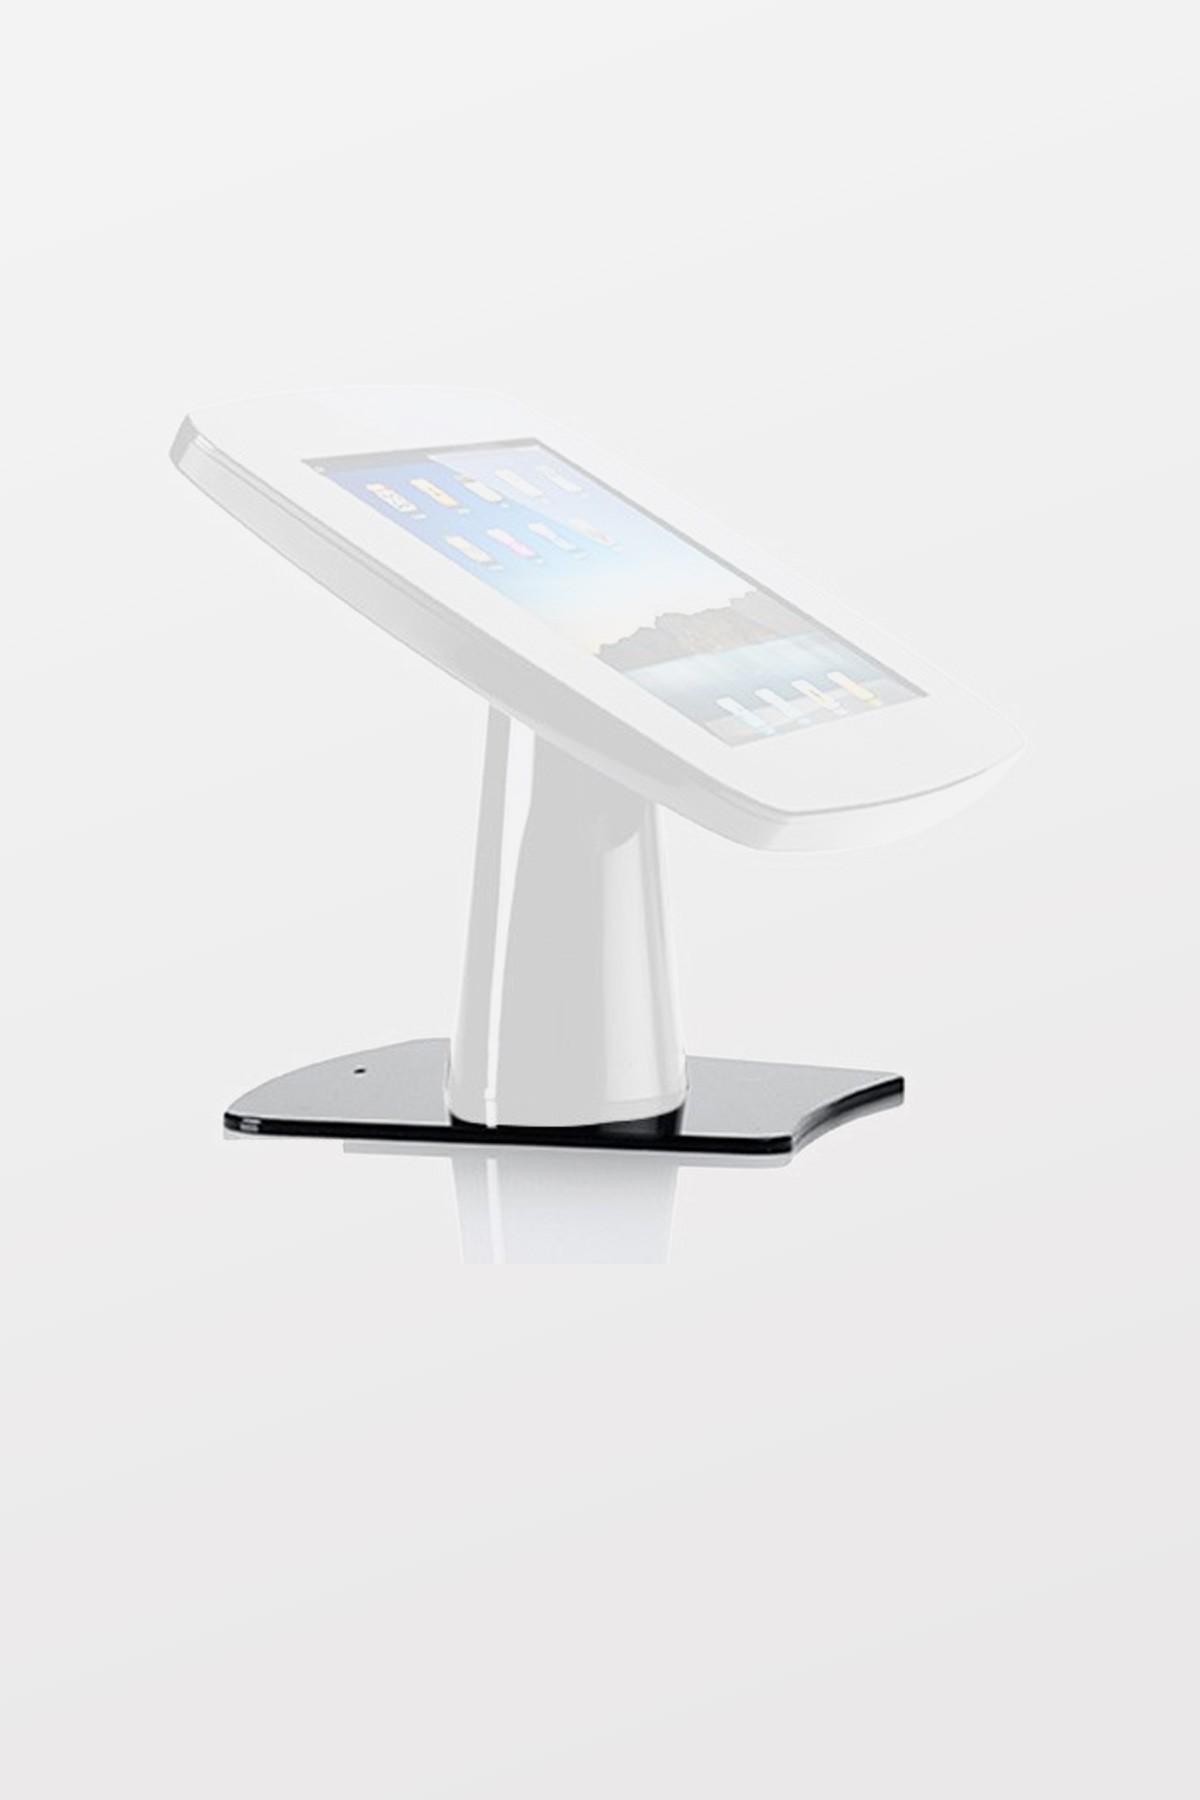 Tryten iPad Kiosk Base Plate - Black